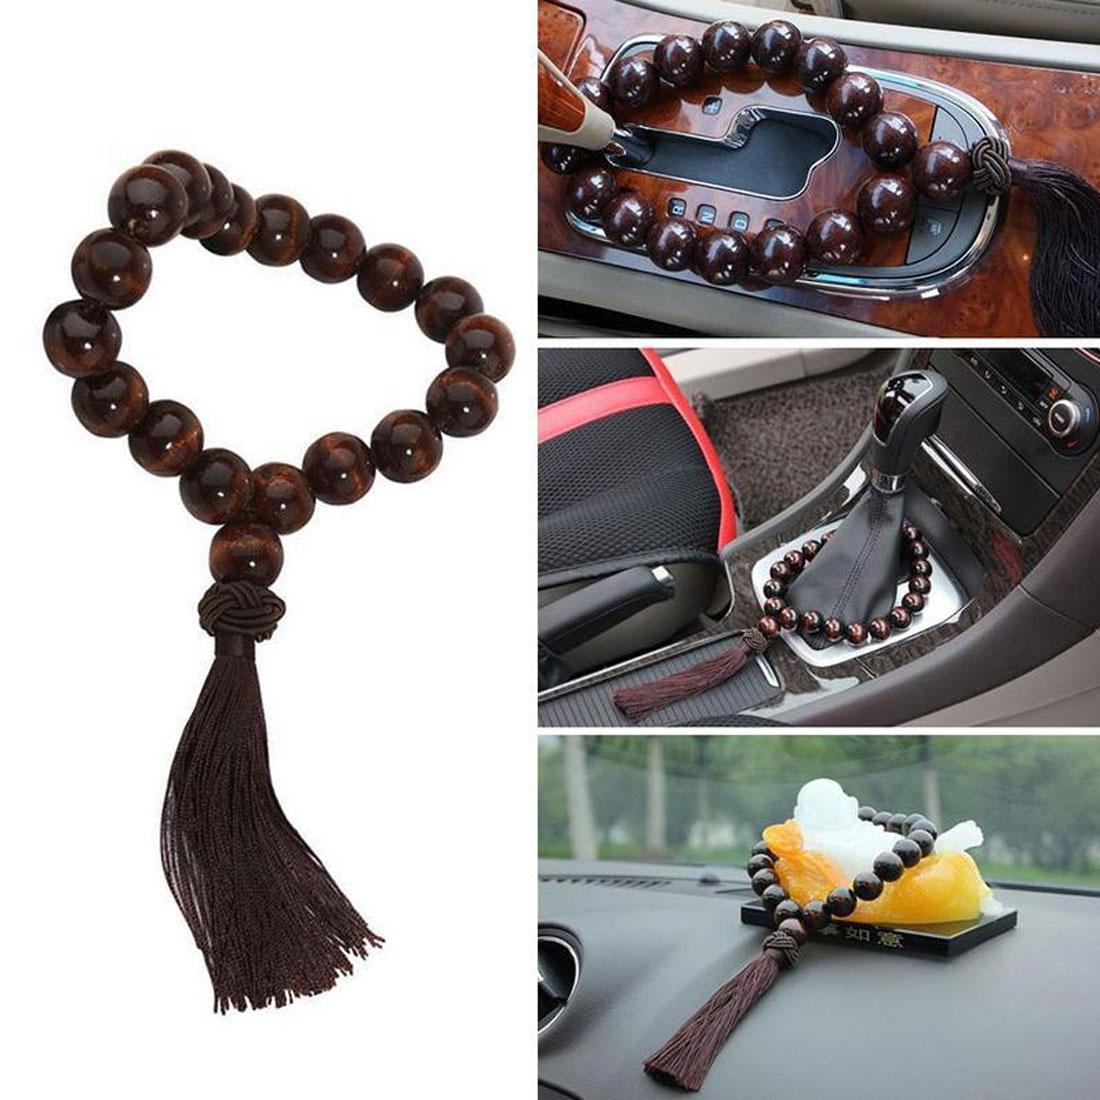 Автомобильное зеркало заднего вида подвесной кулон деревянные бусины Будды украшение интерьера украшение автомобильные аксессуары